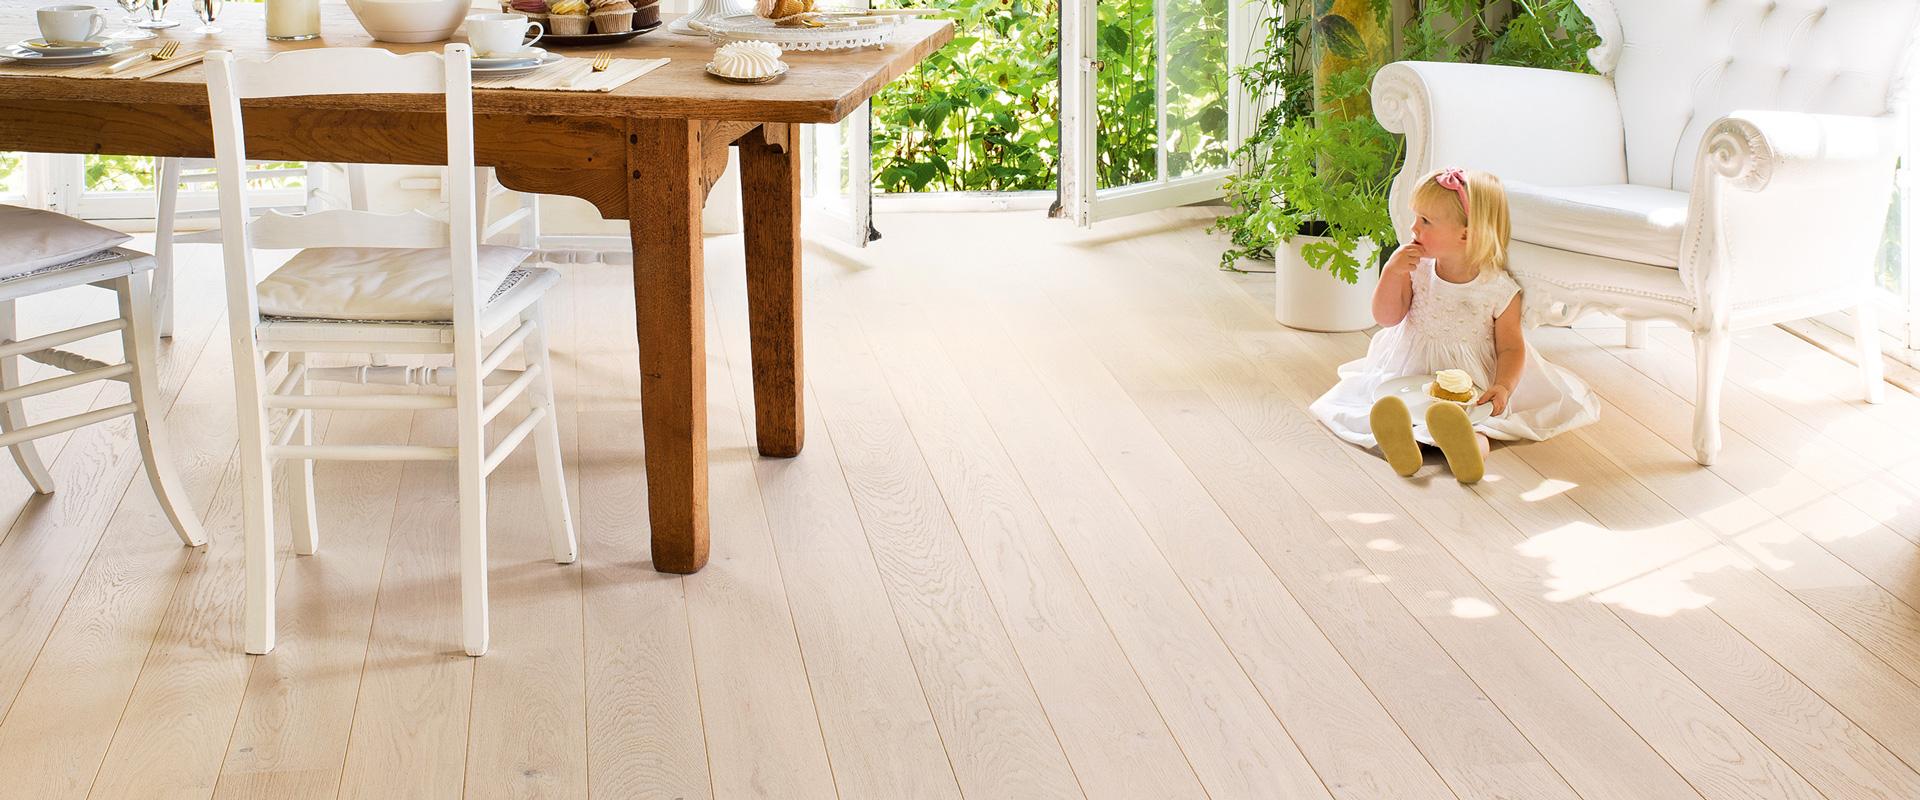 Eiken houten vloer / parket kopen | Vloerenland